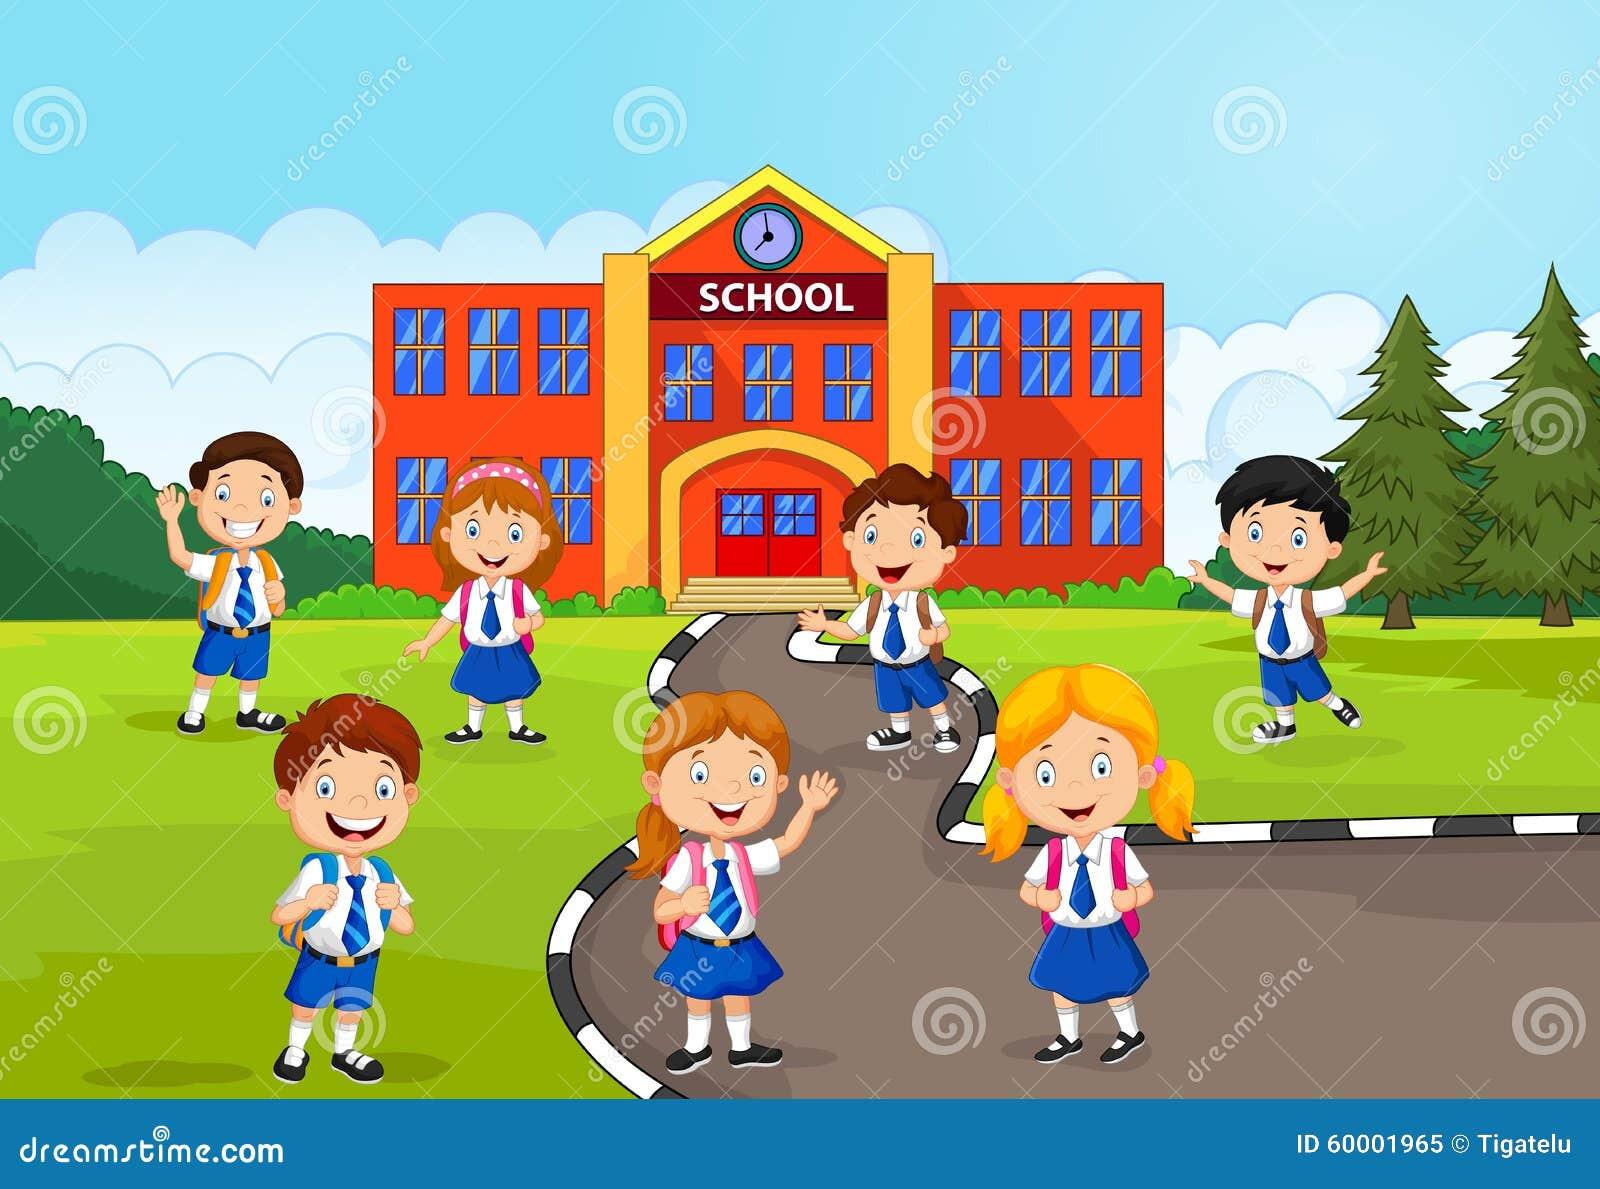 愉快的小学生的例证在学校前面的.图片